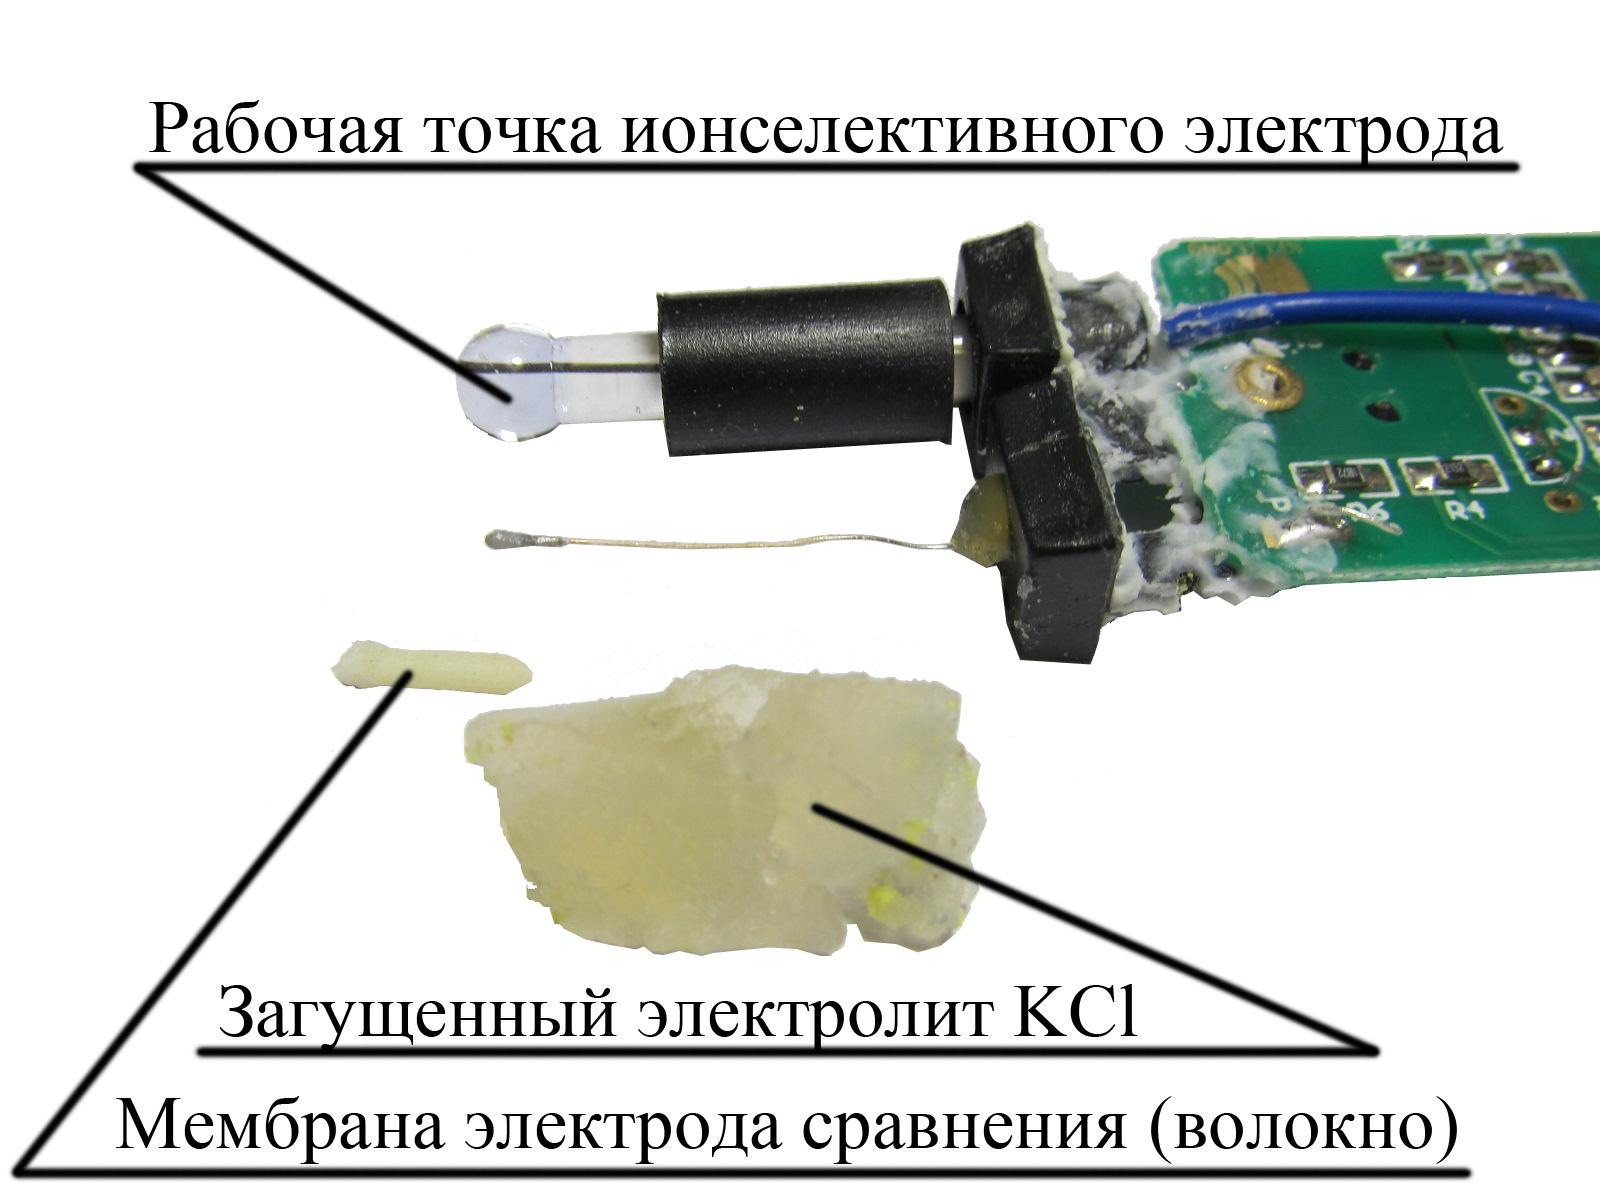 Самодельный электронный рн-метр - гидропоника Molly Дёшево Барнаул